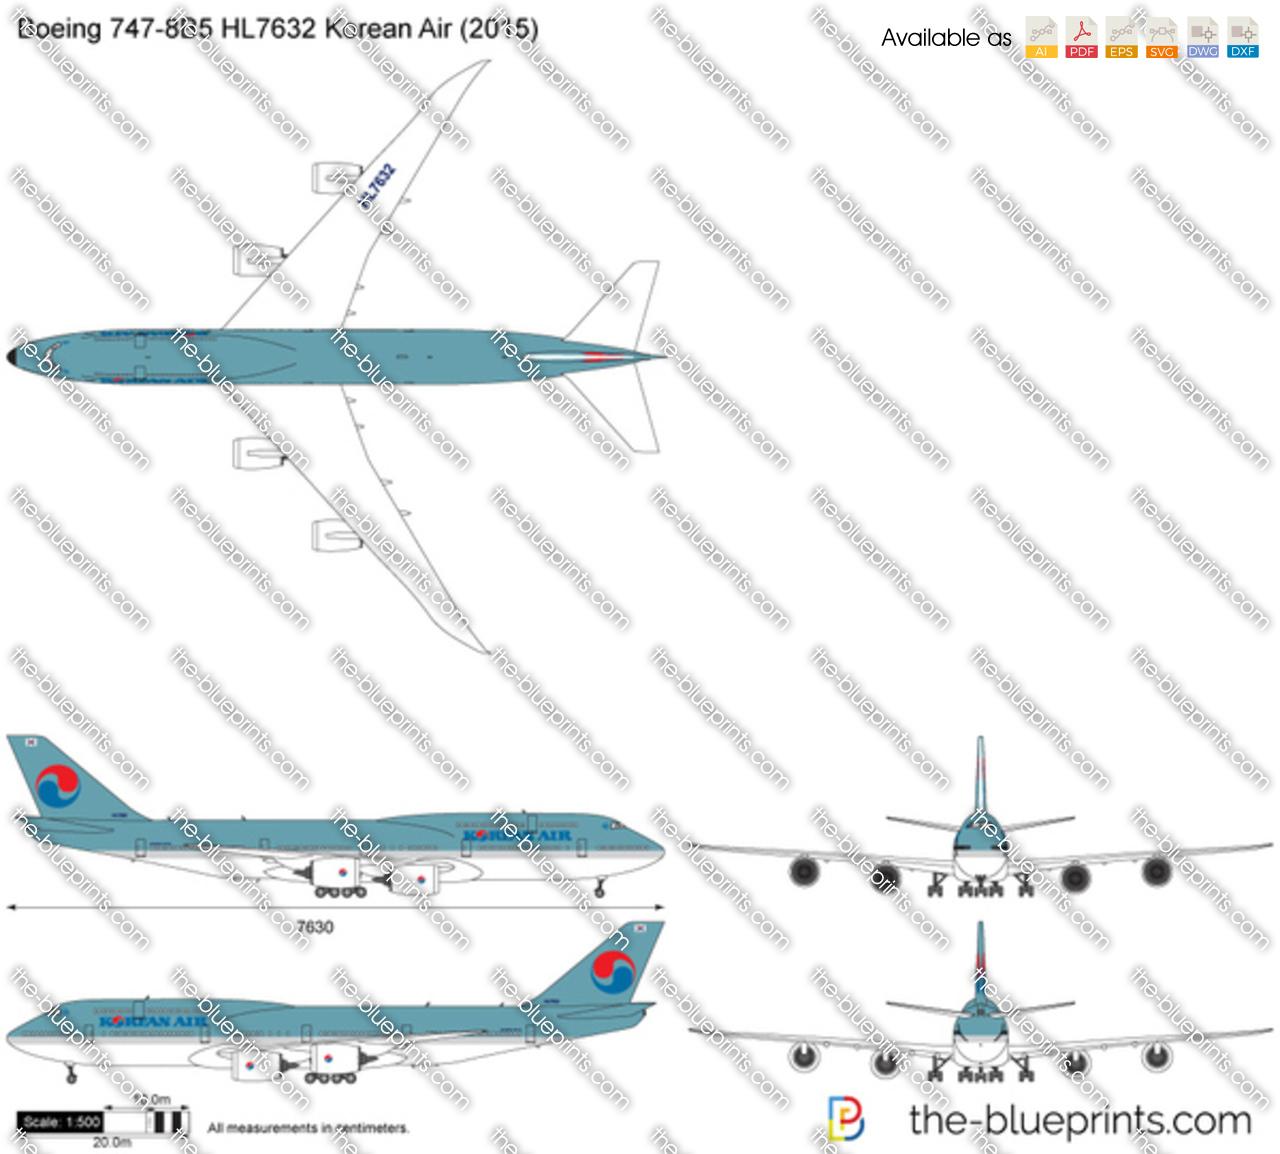 Boeing 747-8B5 HL7632 Korean Air 2016